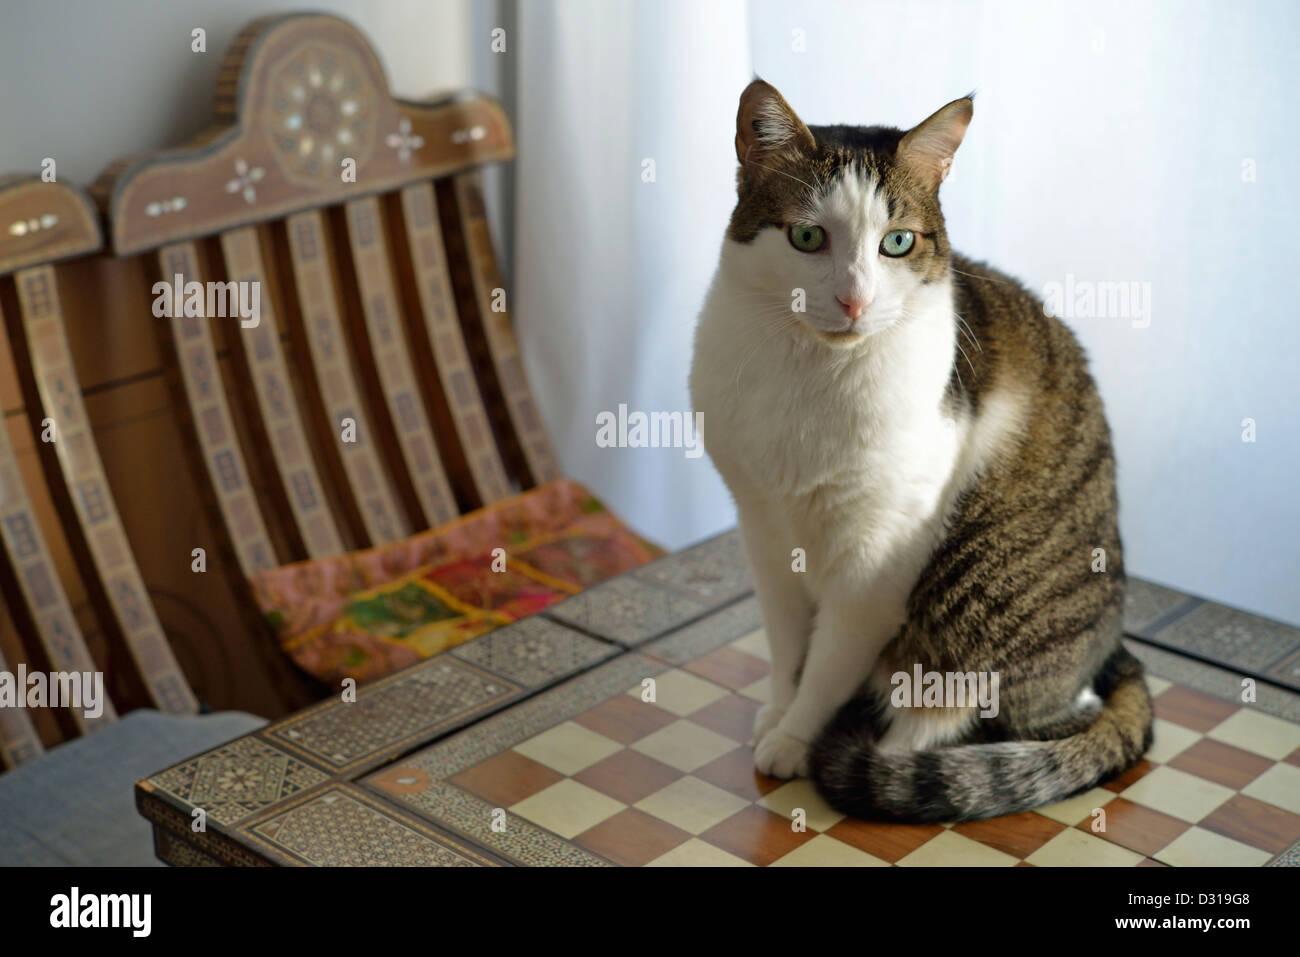 Gato Sentado en una mesa en el interior Imagen De Stock